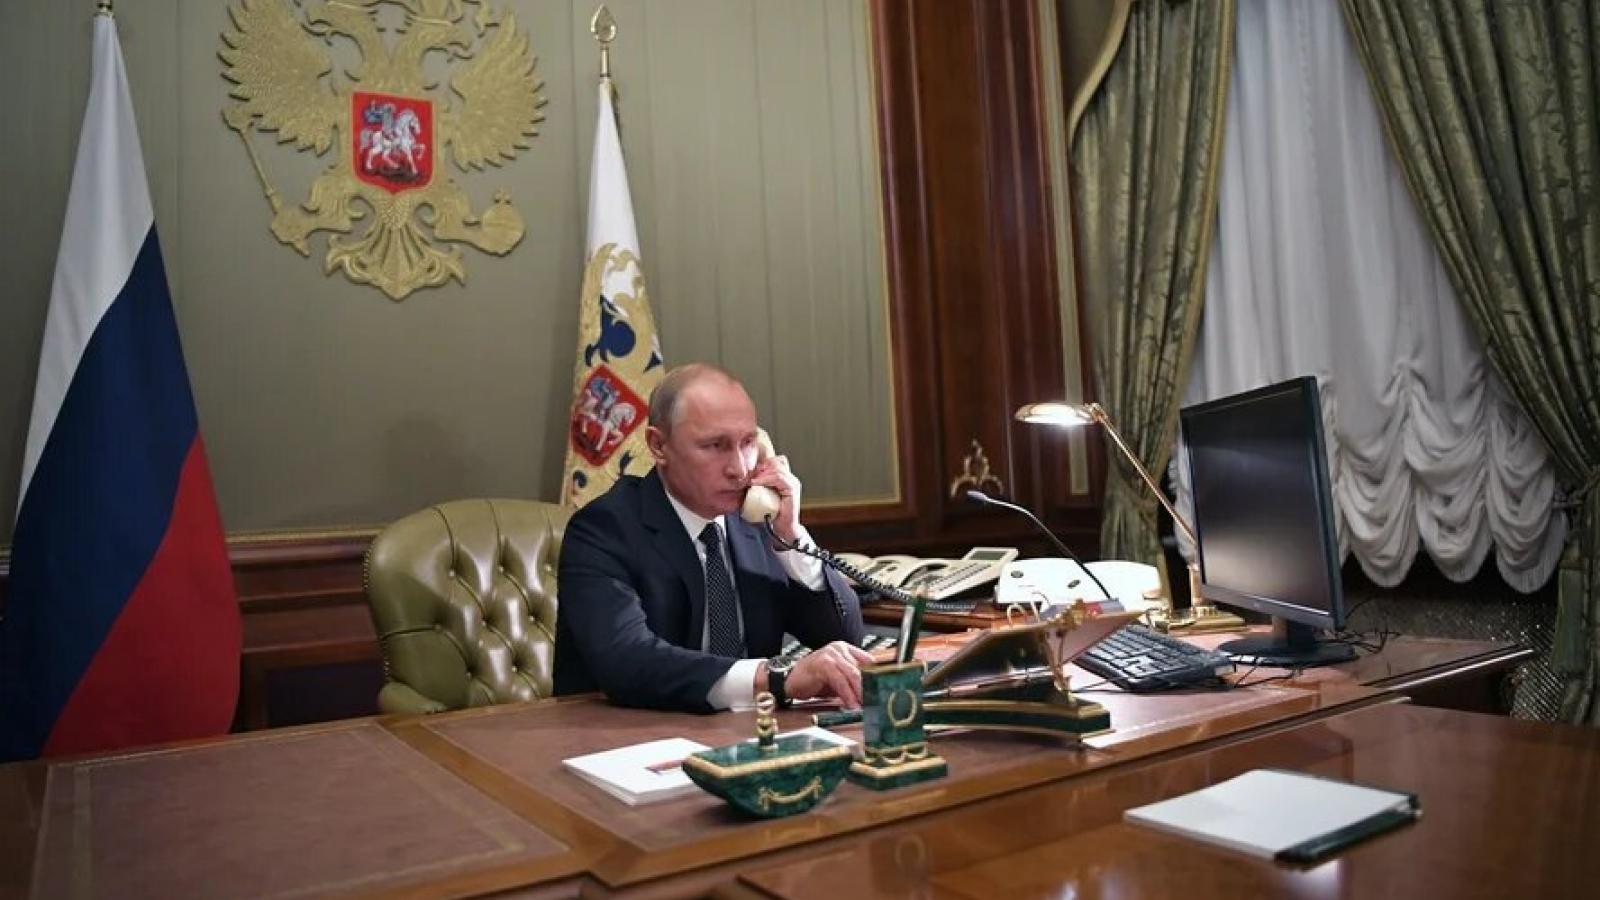 Tổng thống Nga điện đàm với Tổng thống Pháp về tình hình Afghanistan